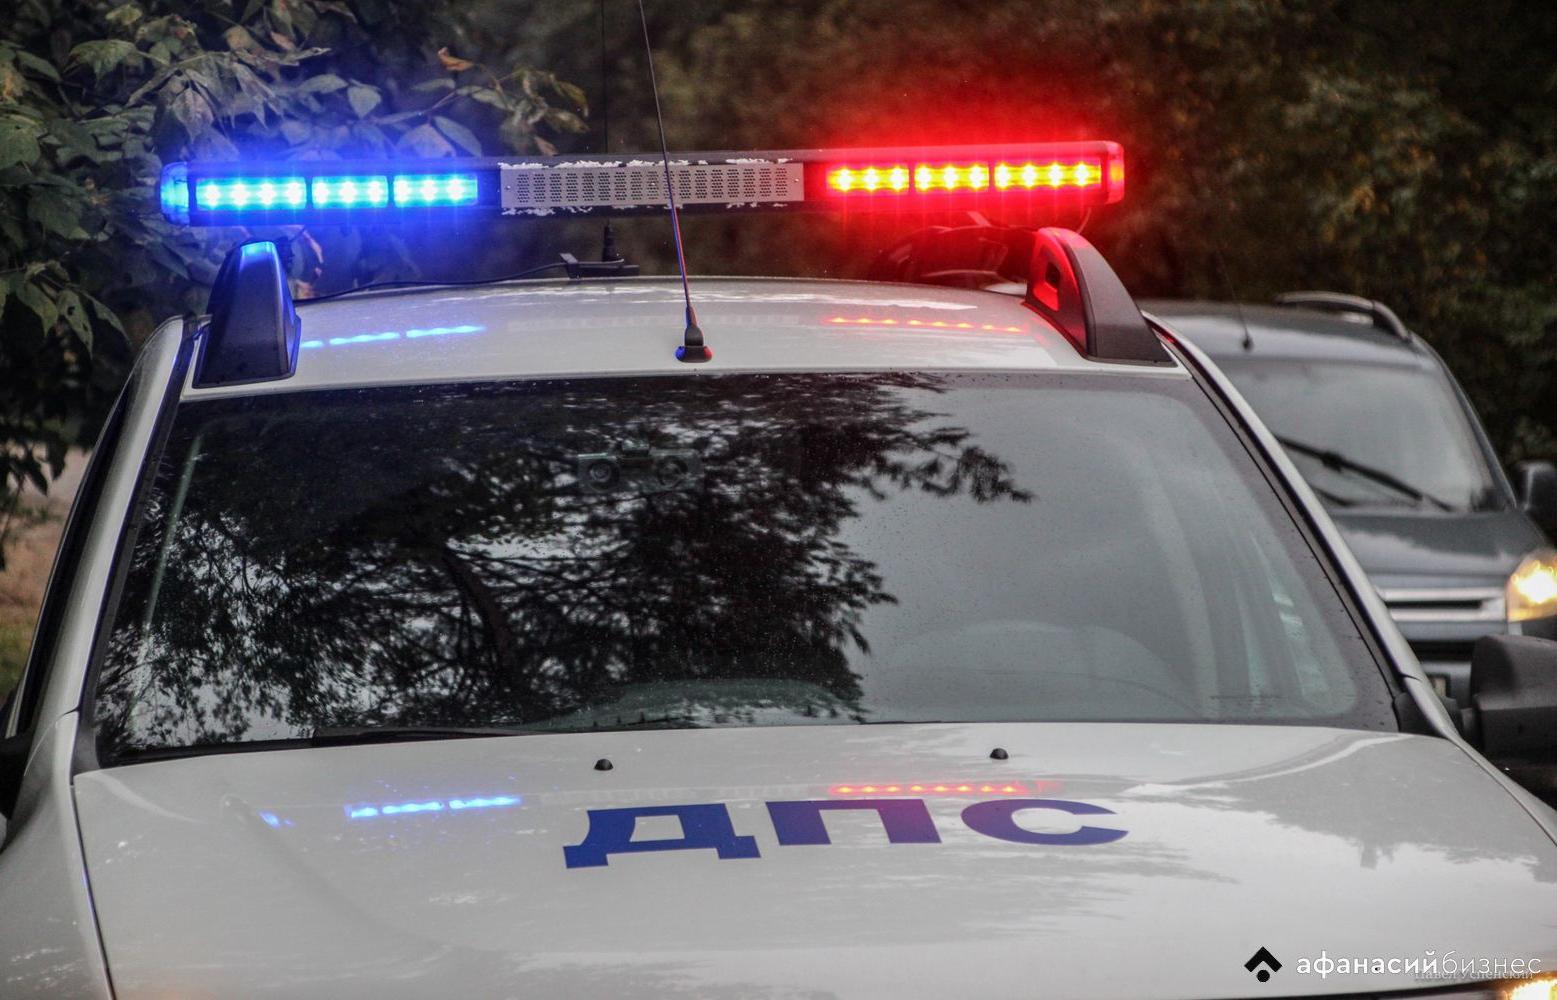 В Твери нетрезвый водитель пытался скрыться от ДПС и толкнул полицейского - новости Афанасий